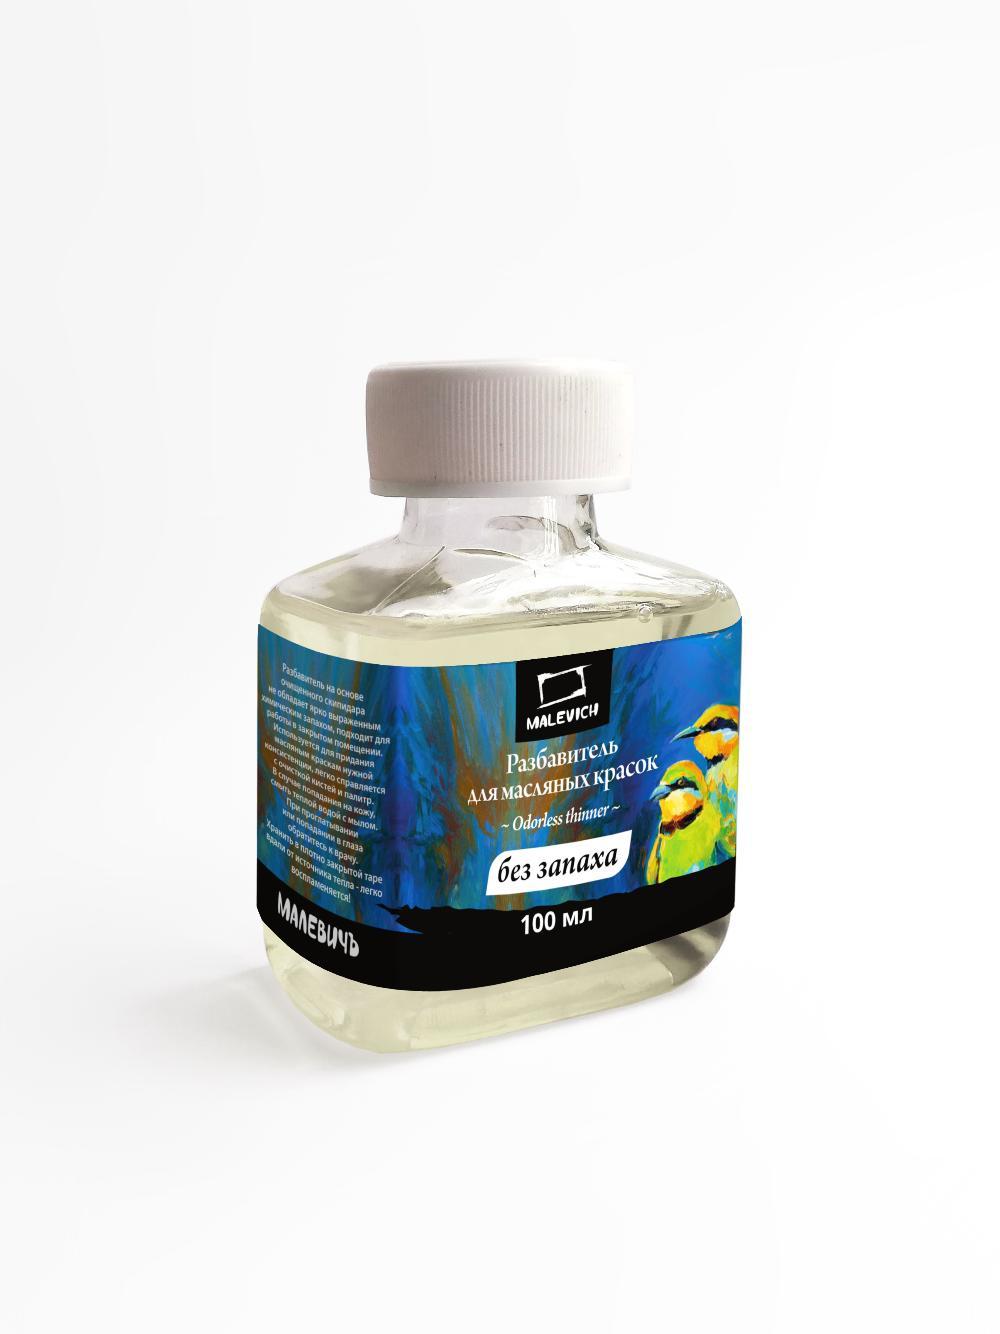 Купить Разбавитель без запаха для масляных красок Малевичъ 100 мл, скипидар, Китай